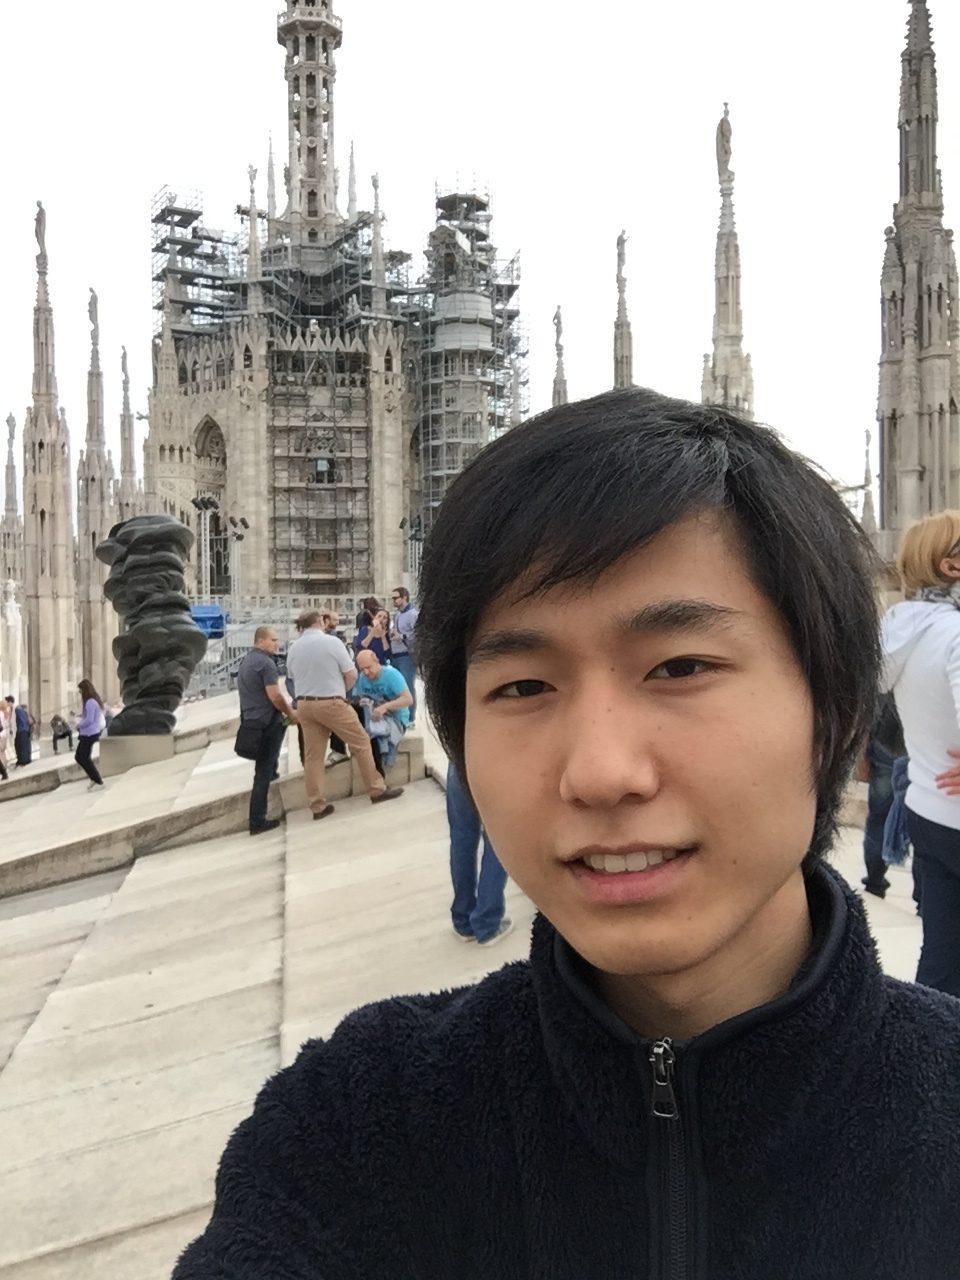 寺本顕英<br>ワクワク循環ラボ運営メンバー、慶應大学総合政策学部生